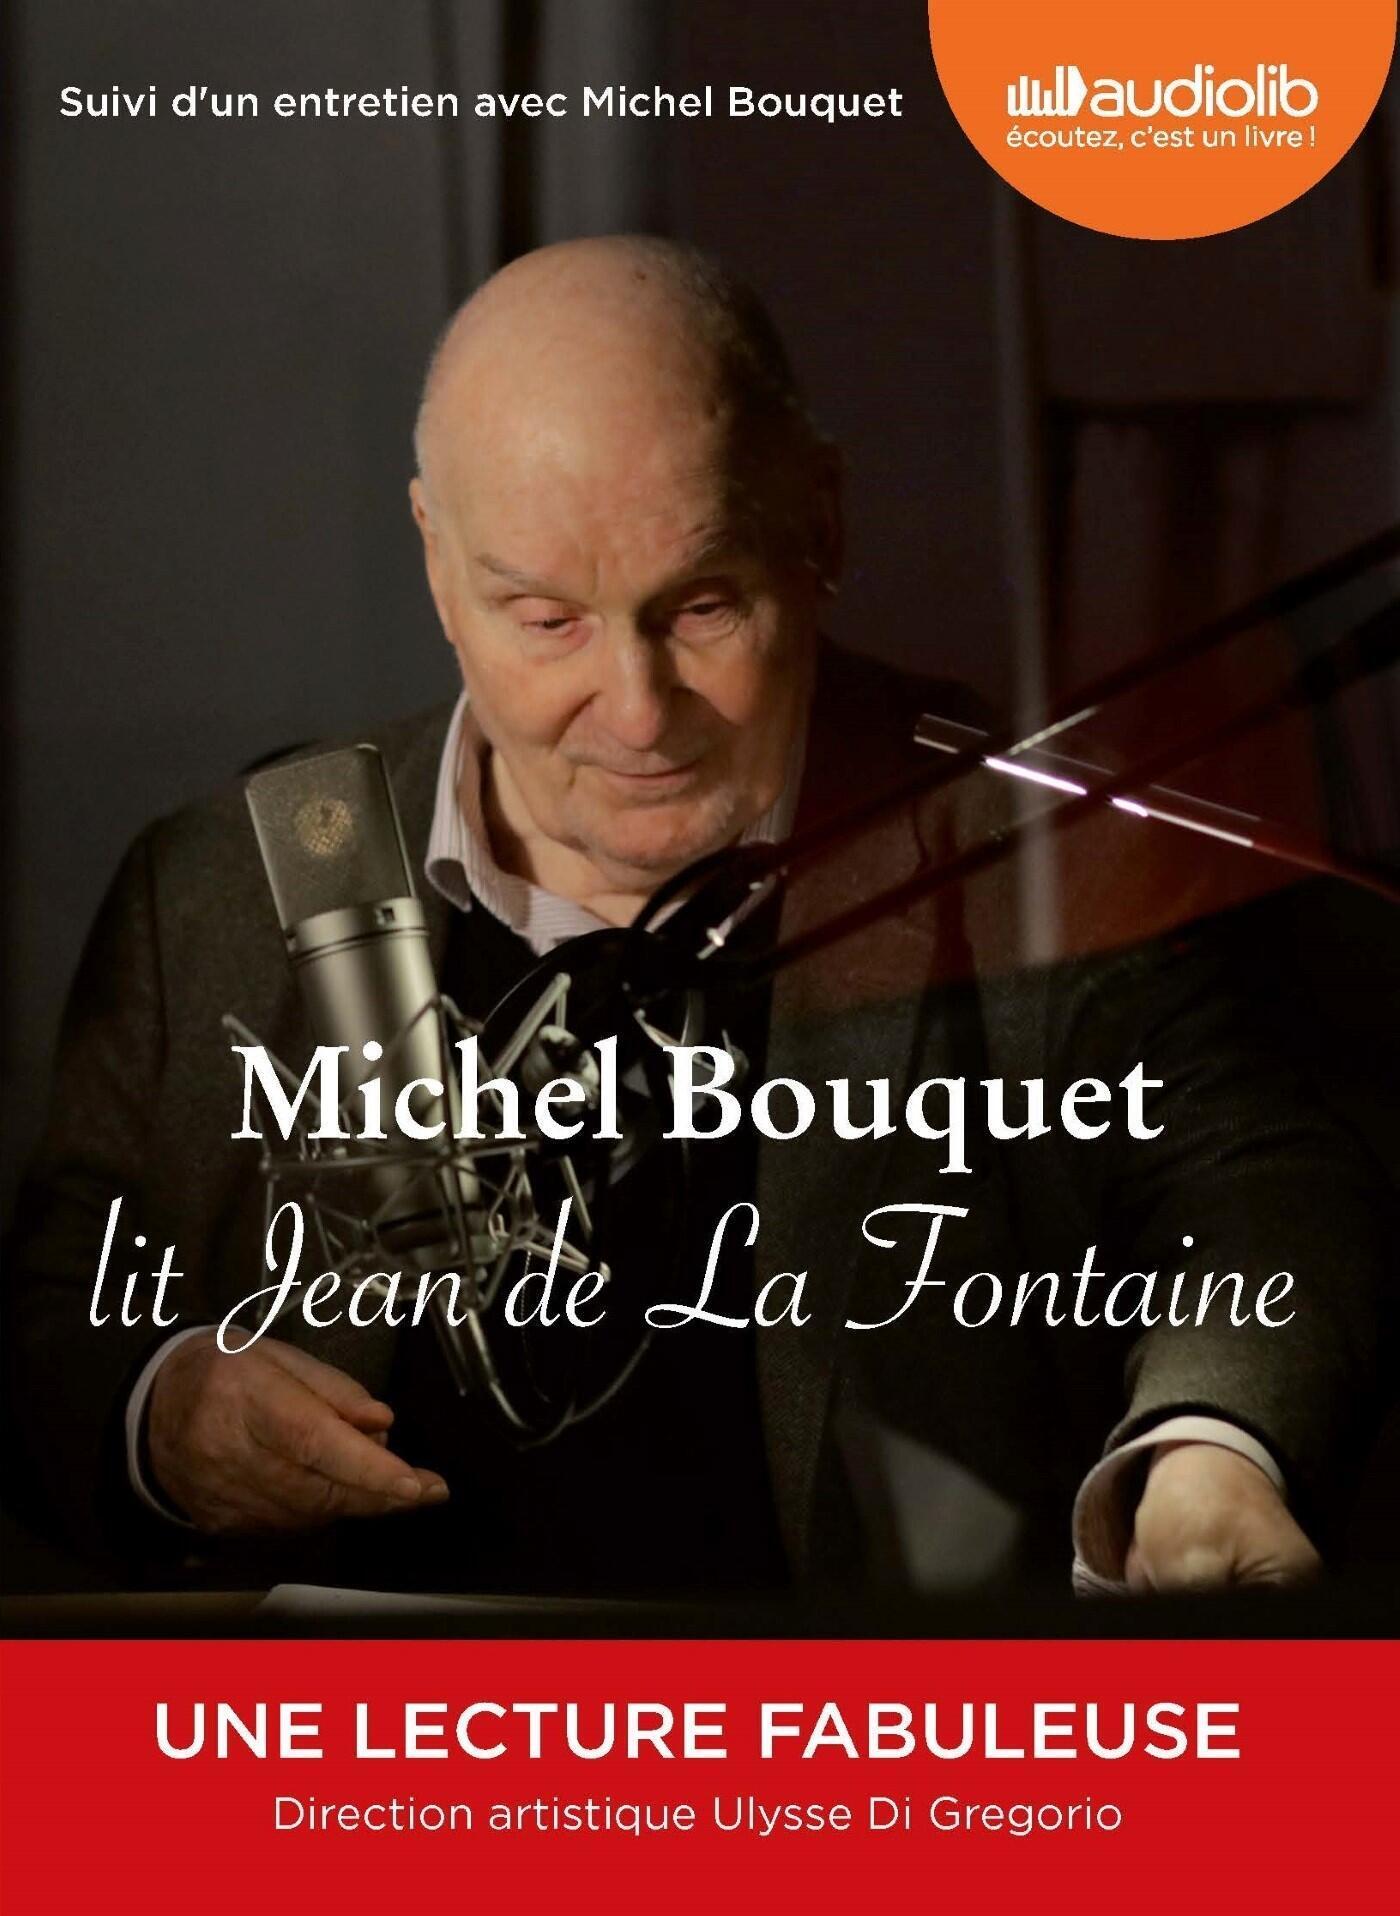 Couverture de Michel Bouquet lit Jean de La Fontaine, direction artistique Ulysse Di Gregorio.